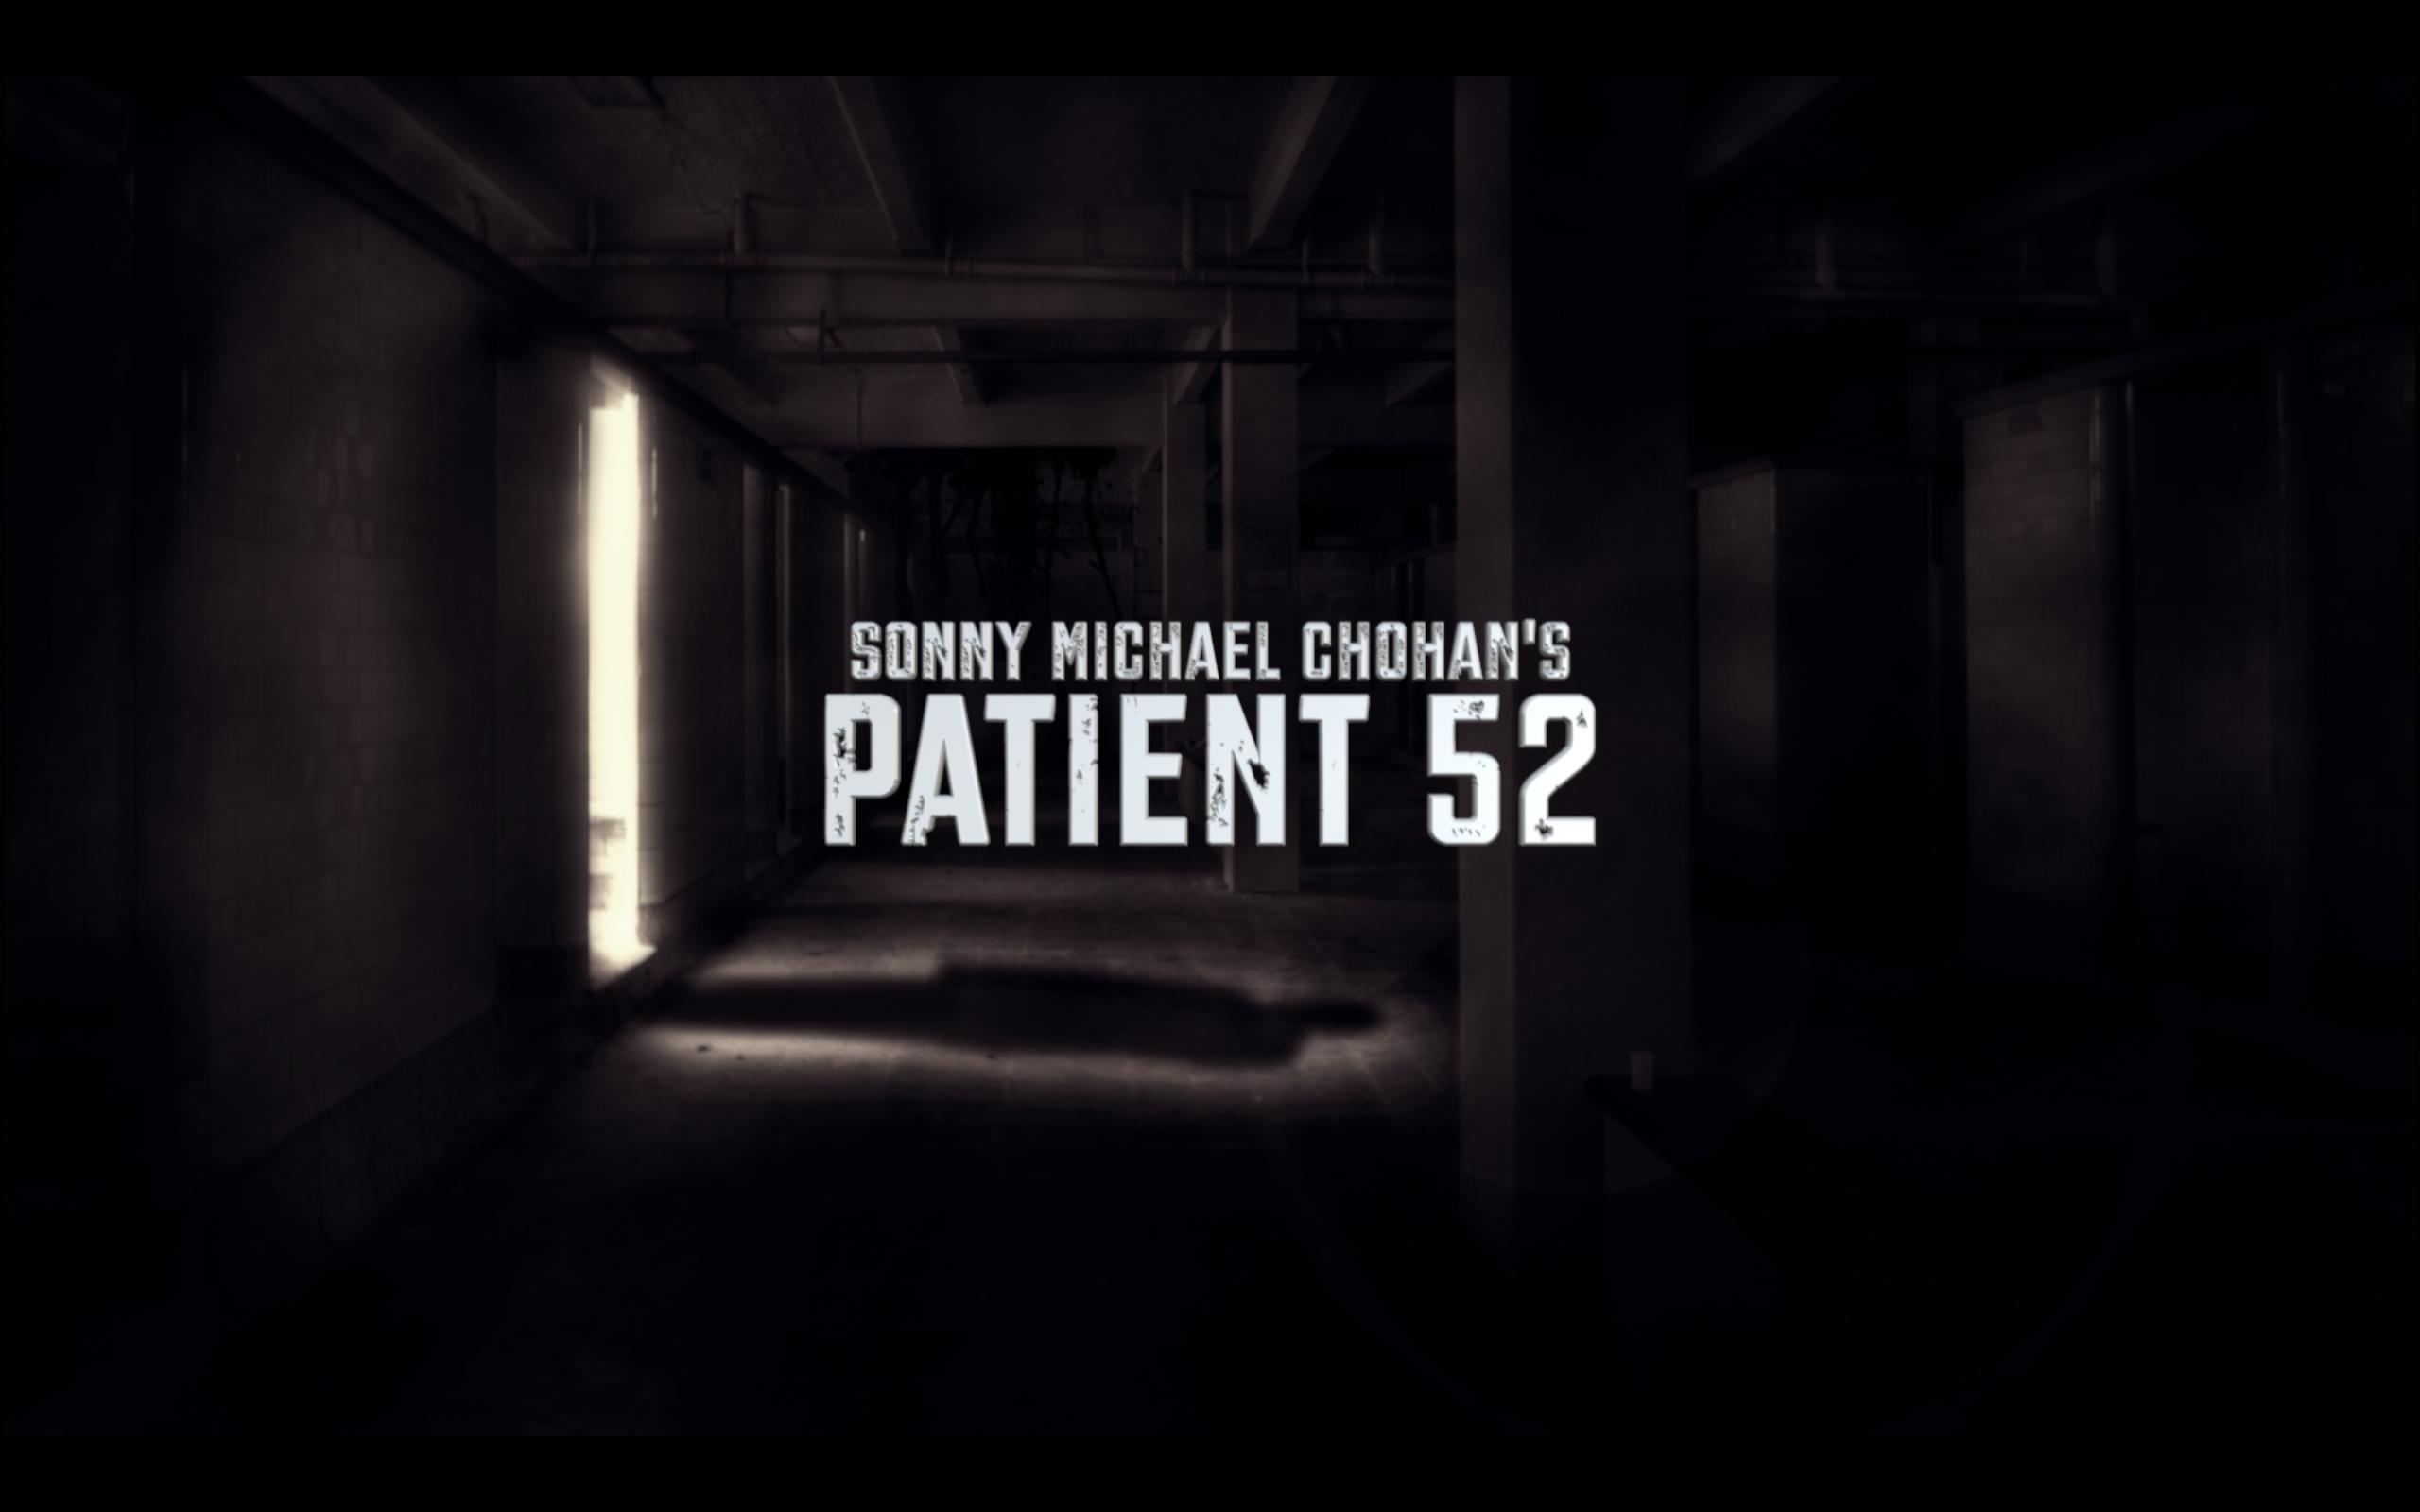 Patient 52